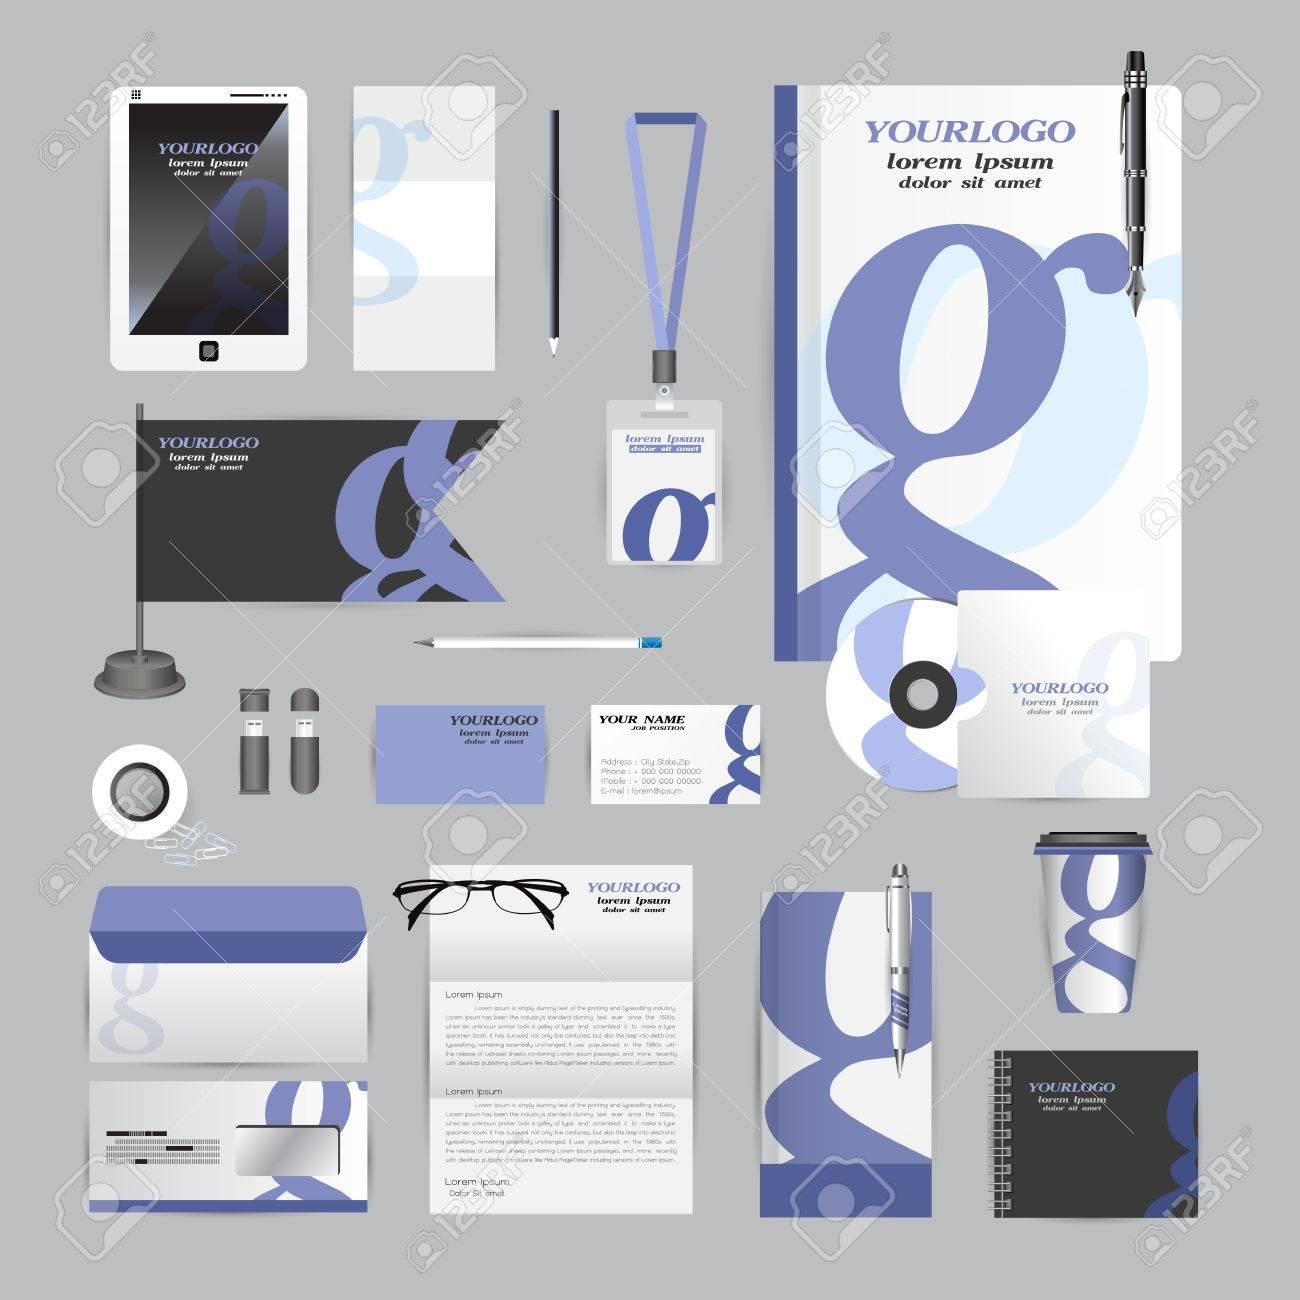 Weiß Corporate Identity Vorlage Mit Origami Elemente Orange. Vector ...